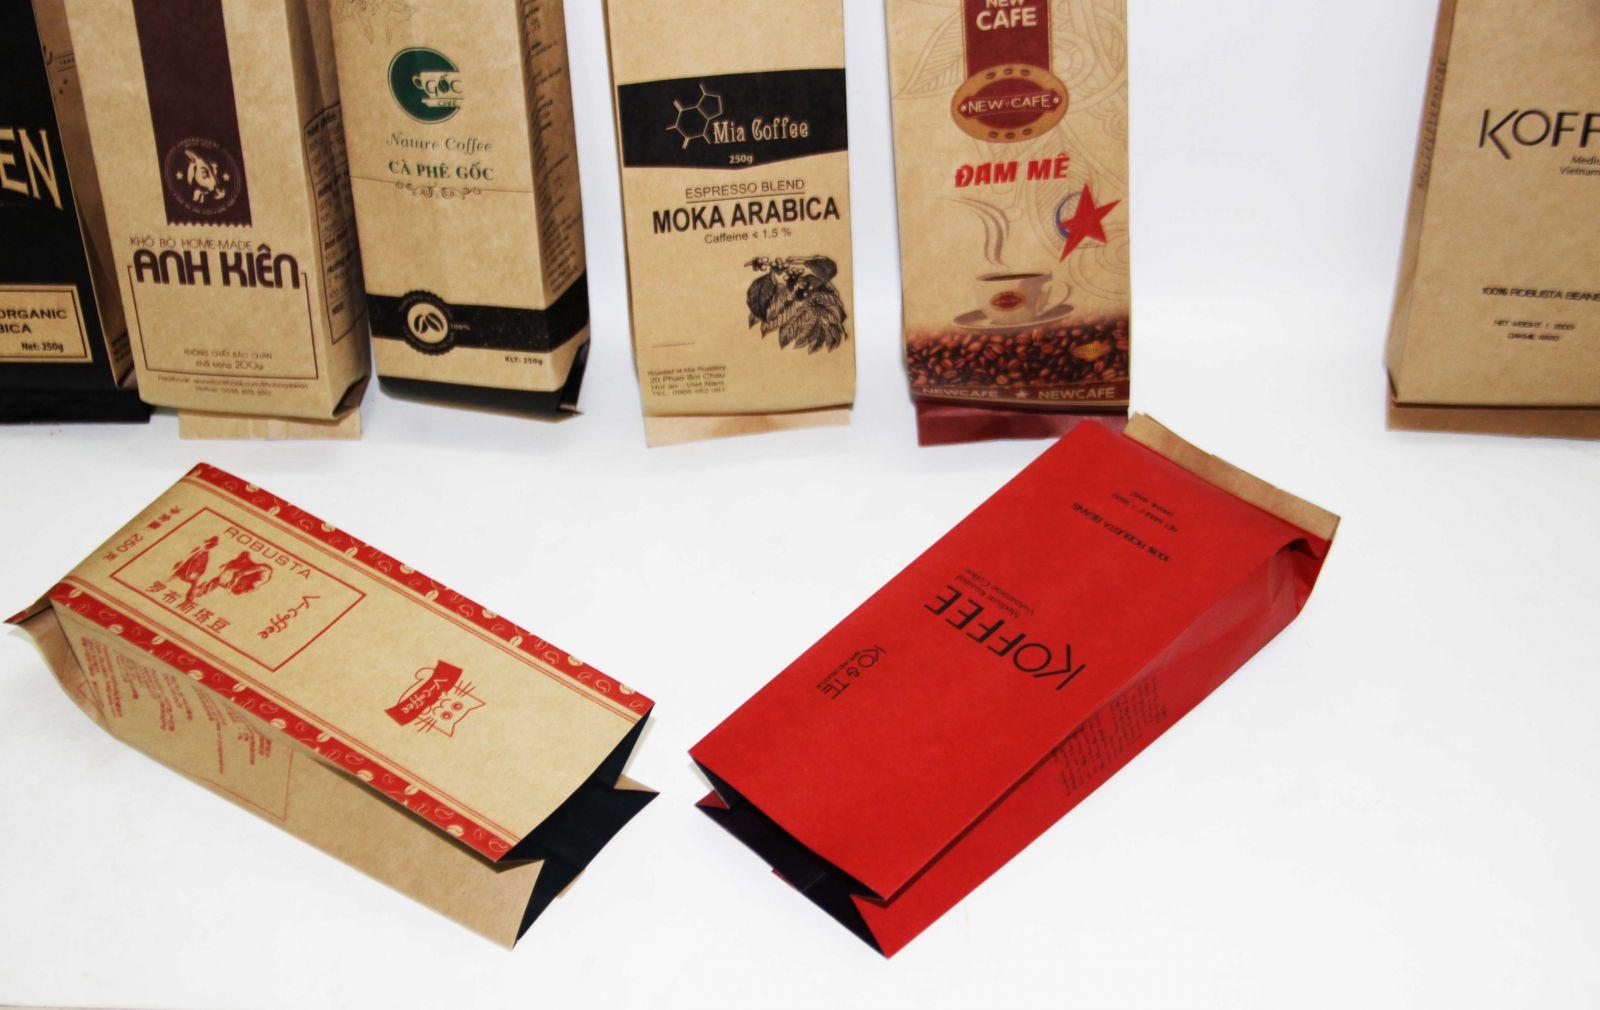 túi giấy đựng cà phê chất lượng